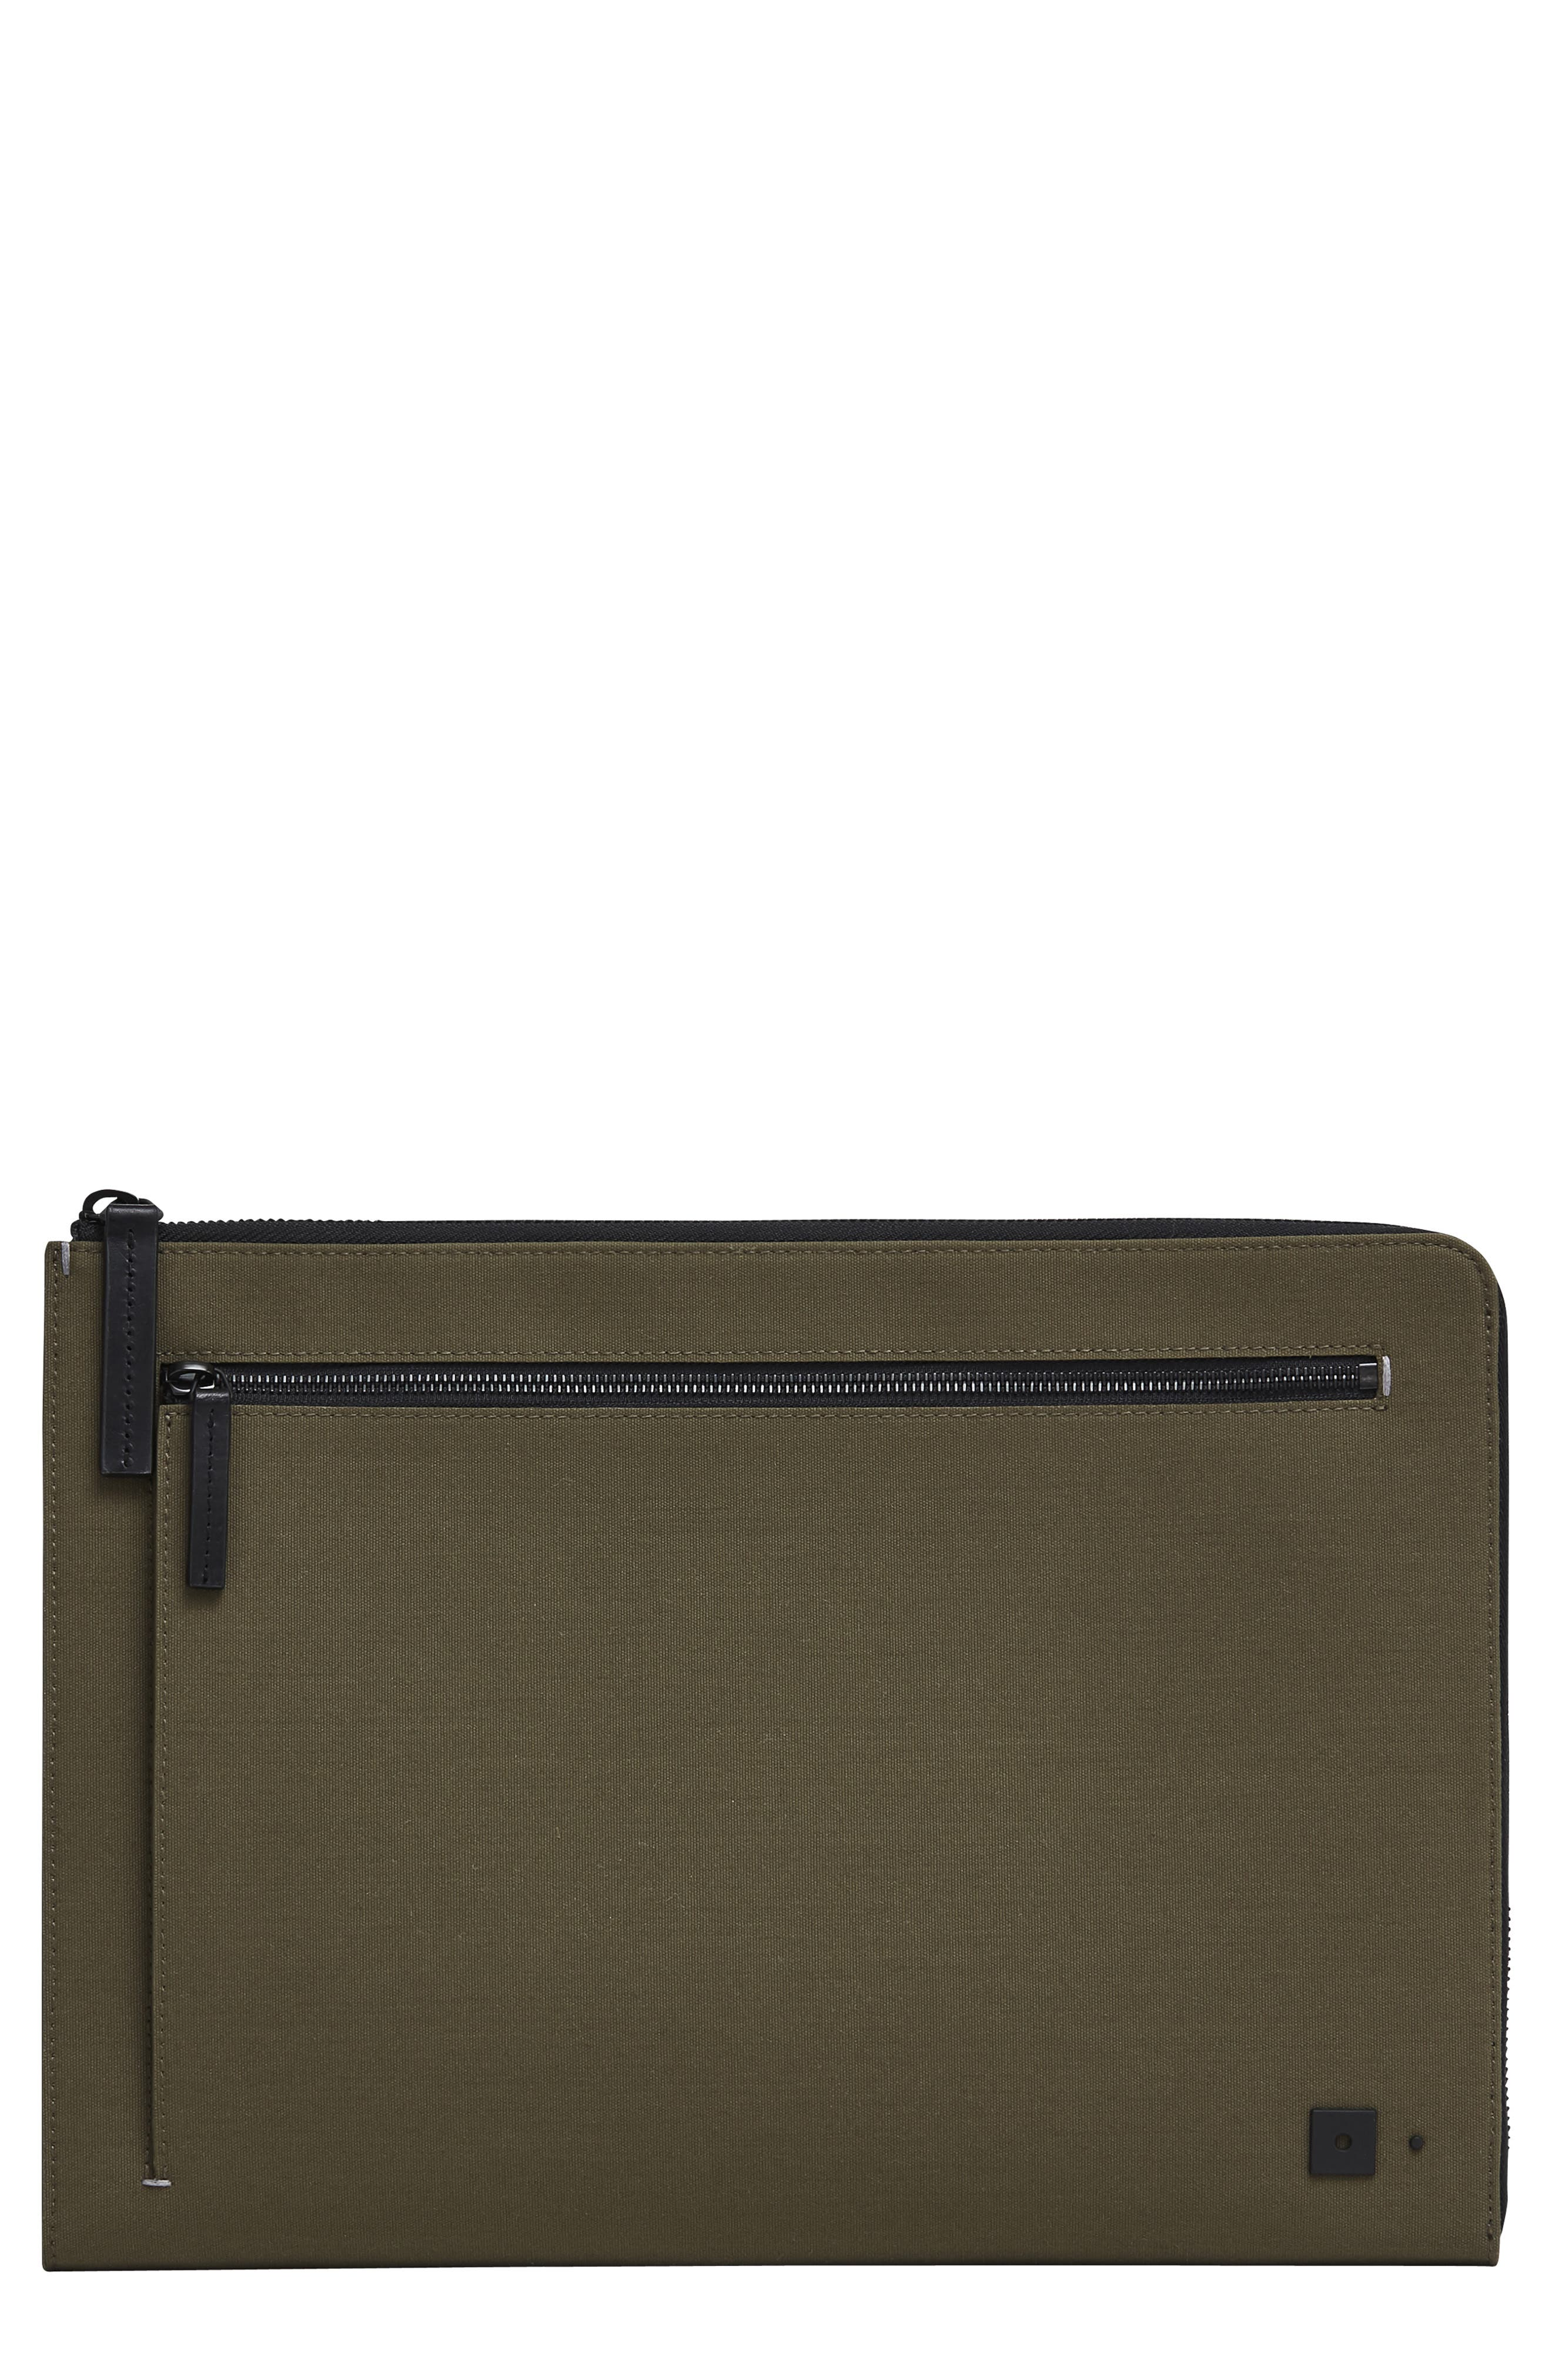 Portfolio Case,                         Main,                         color, KHAKI CANVAS/ BLACK LEATHER